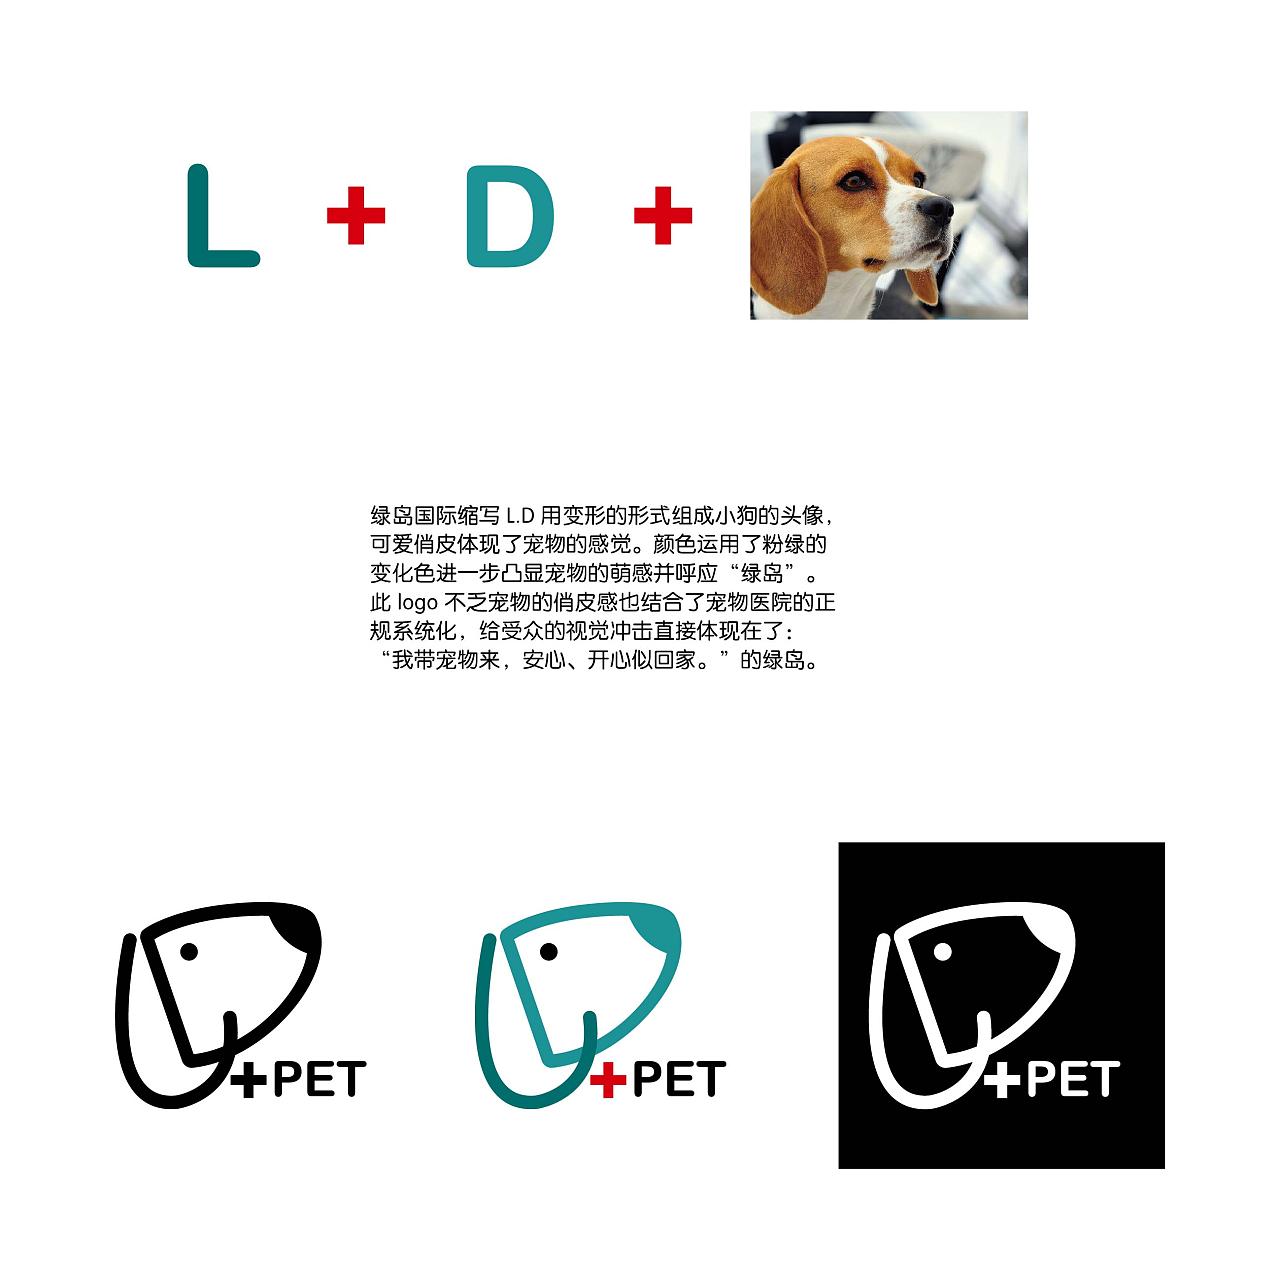 绿岛国际宠物医院logo